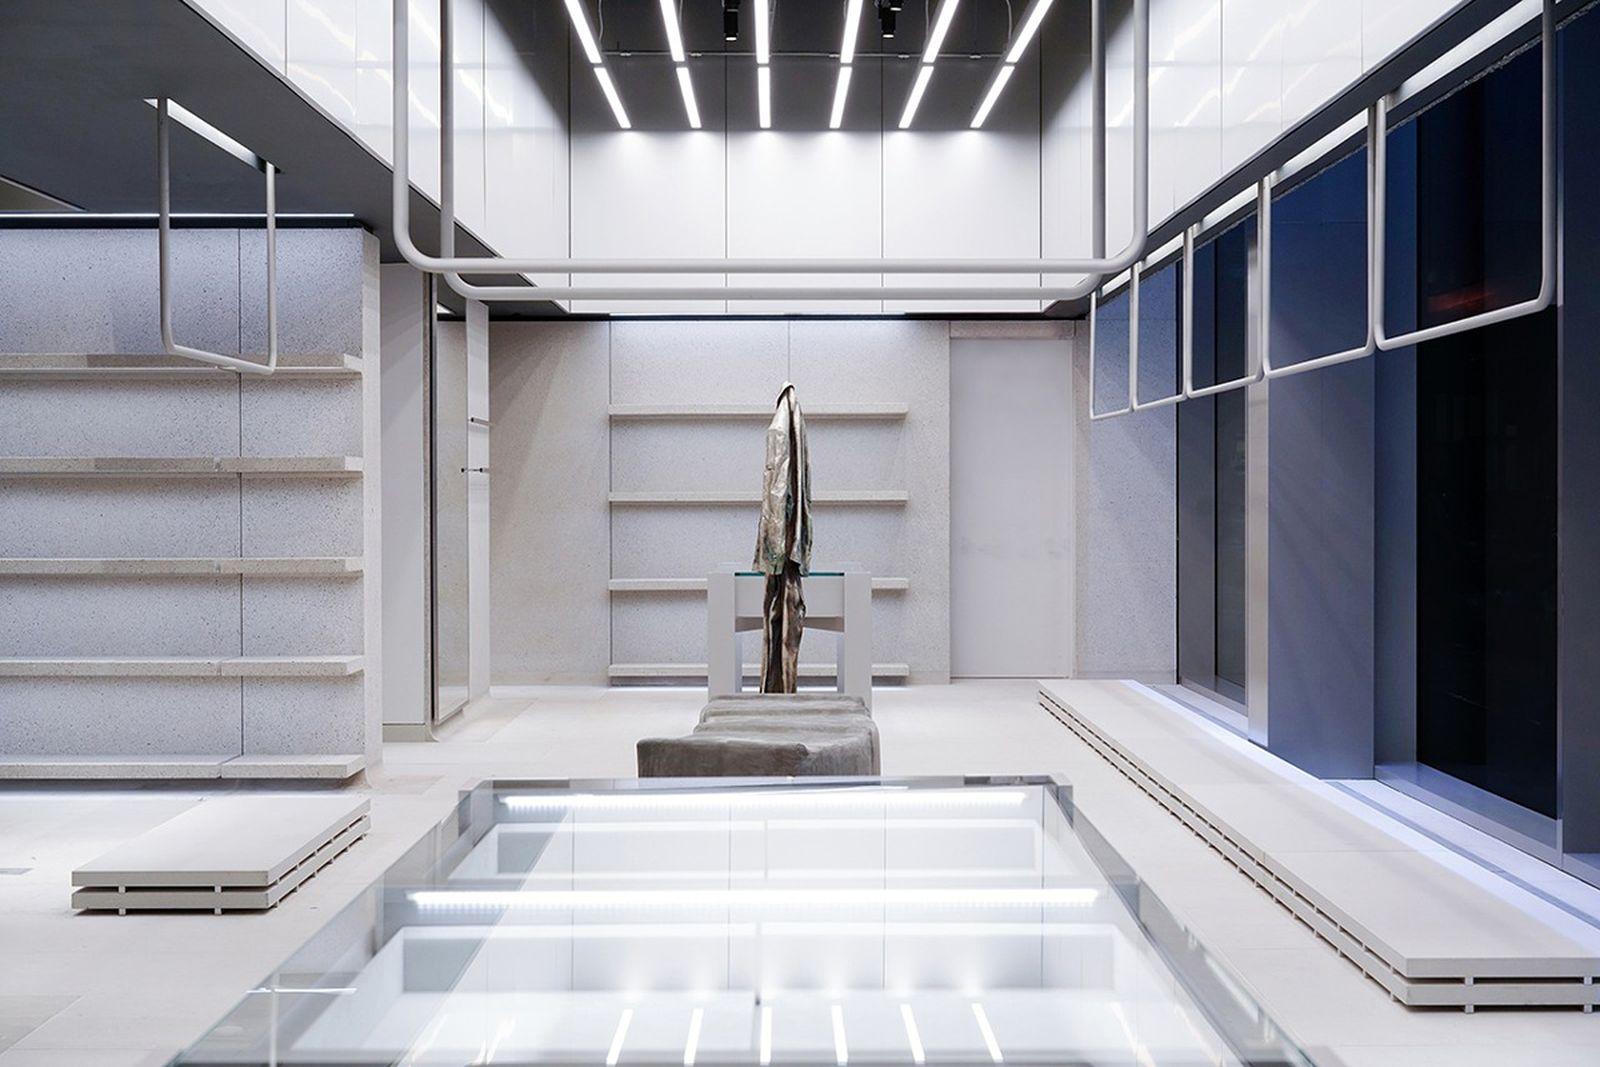 balanciage nyc flagship Balenciaga demna gvasalia